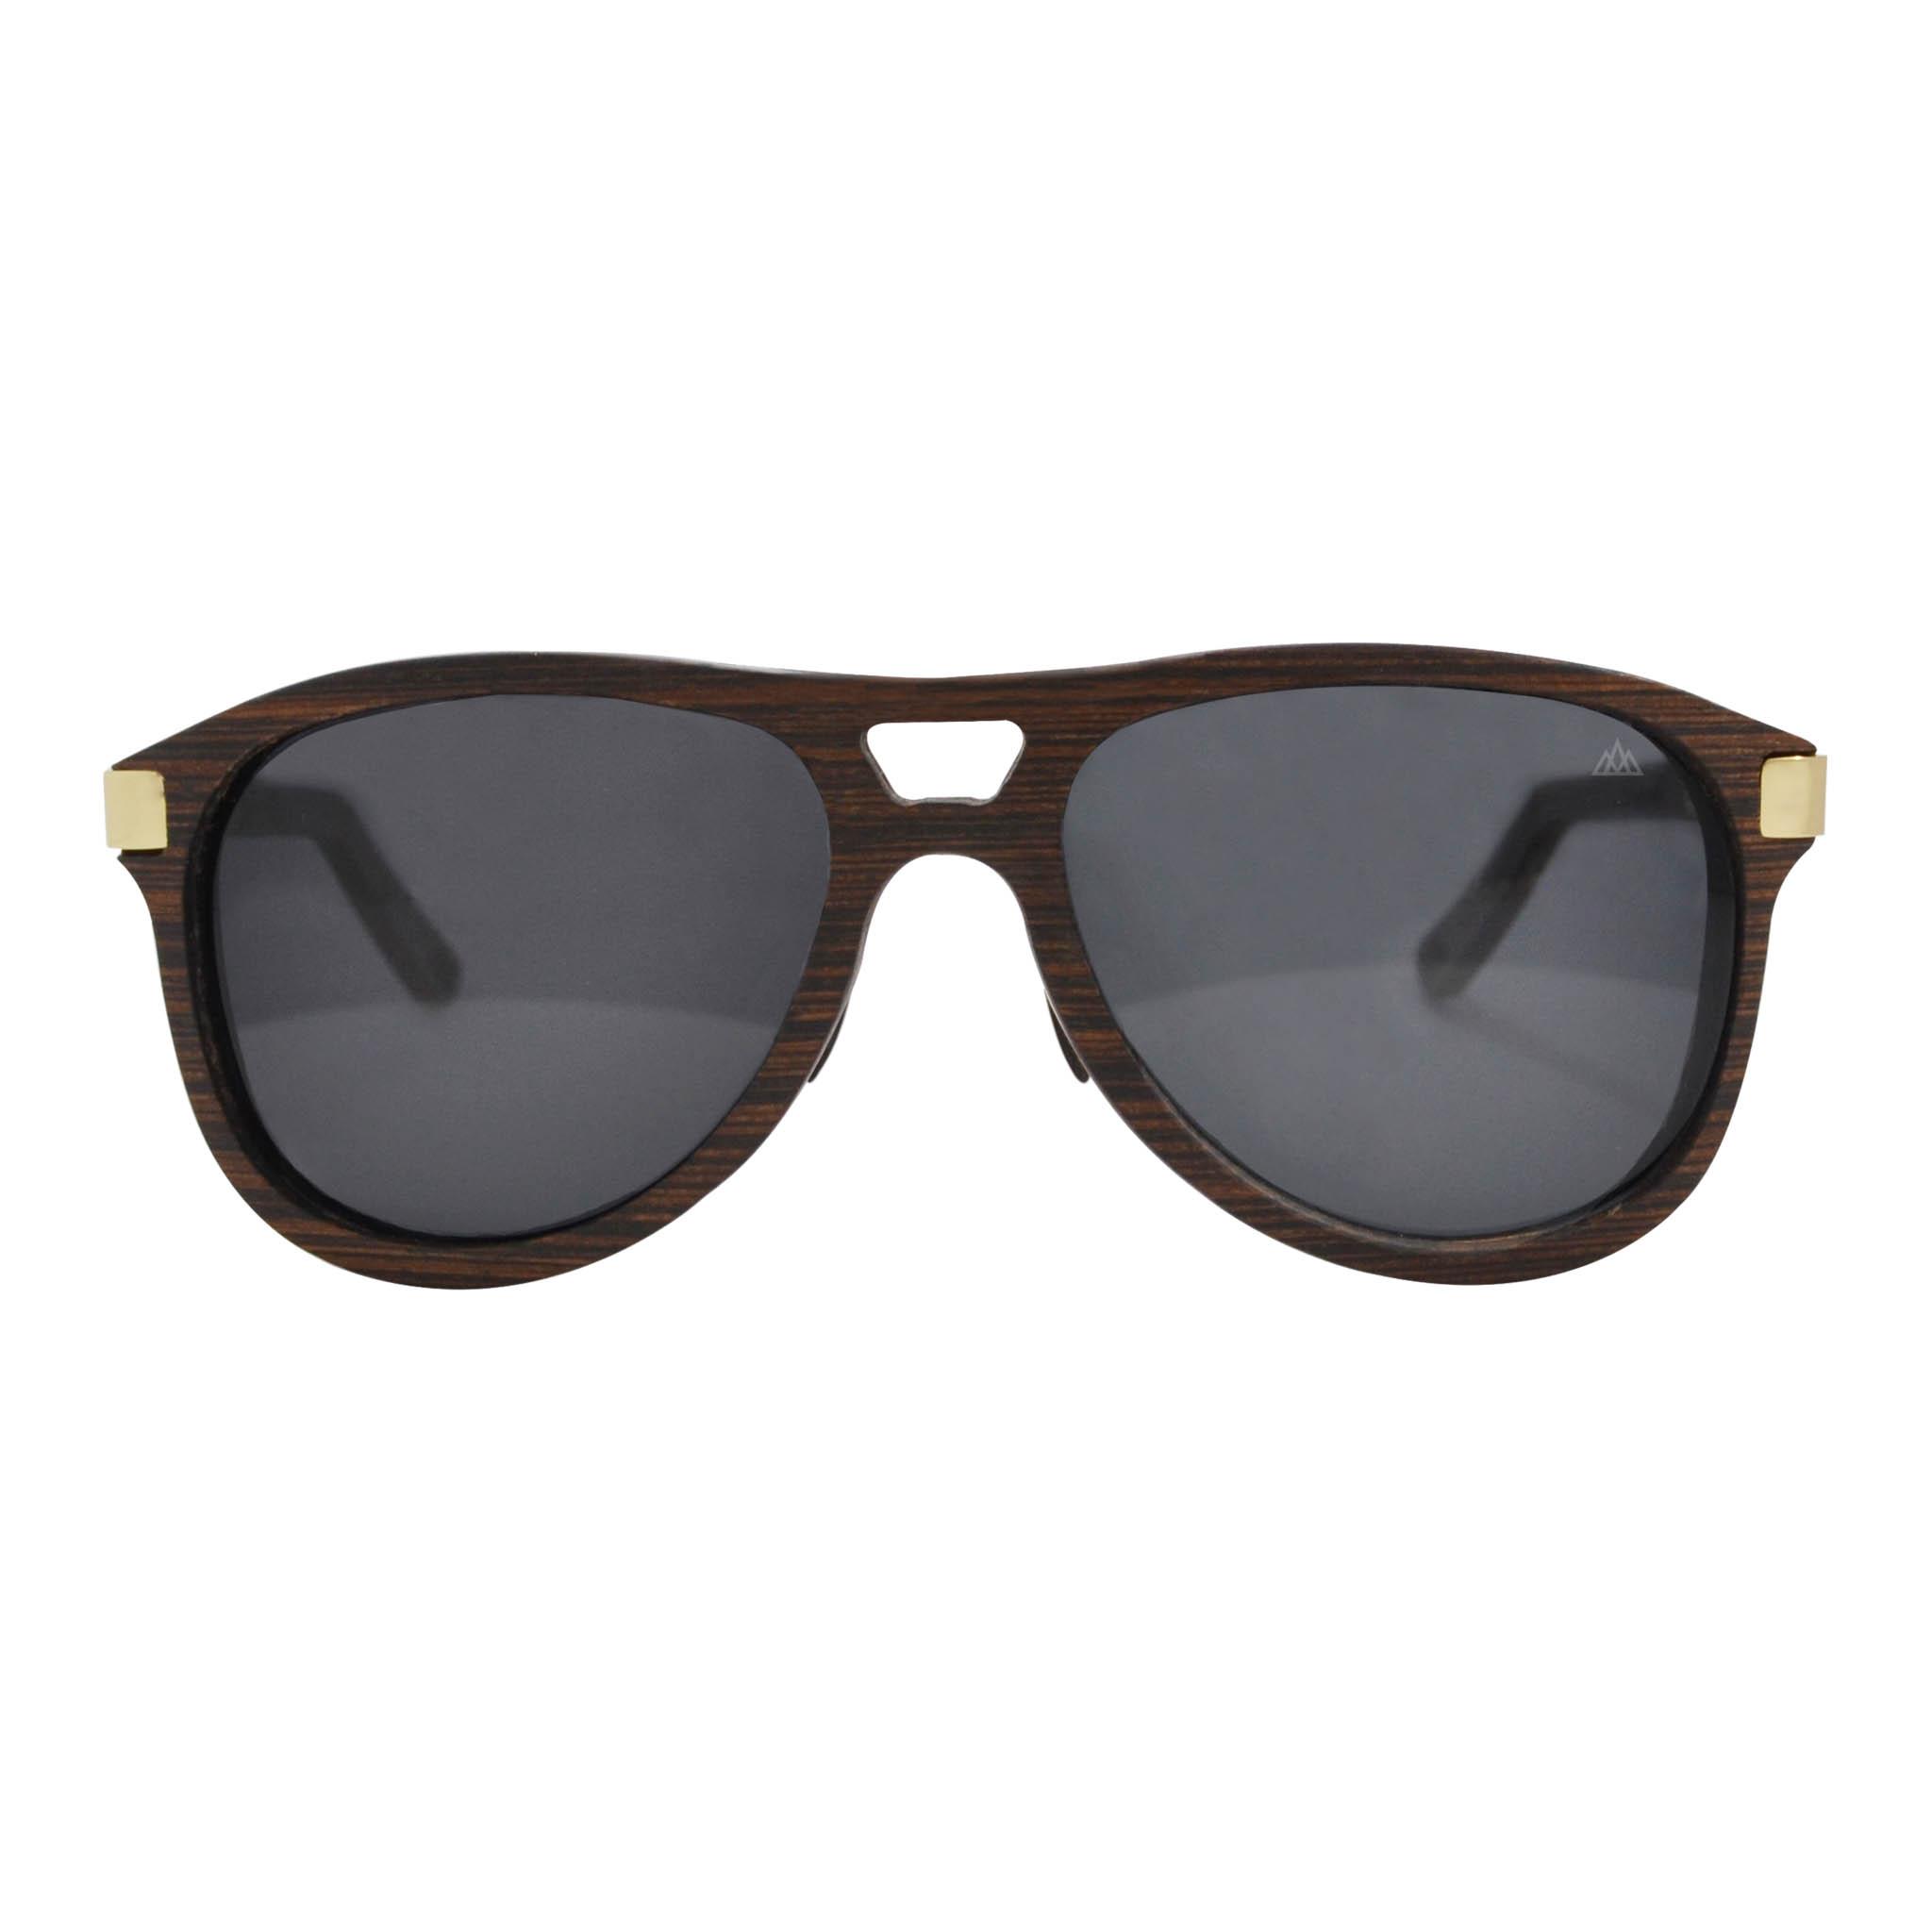 Art und Weisesonnenbrille Arbeiten Sonnenbrille um , Grau / Goldrahmen